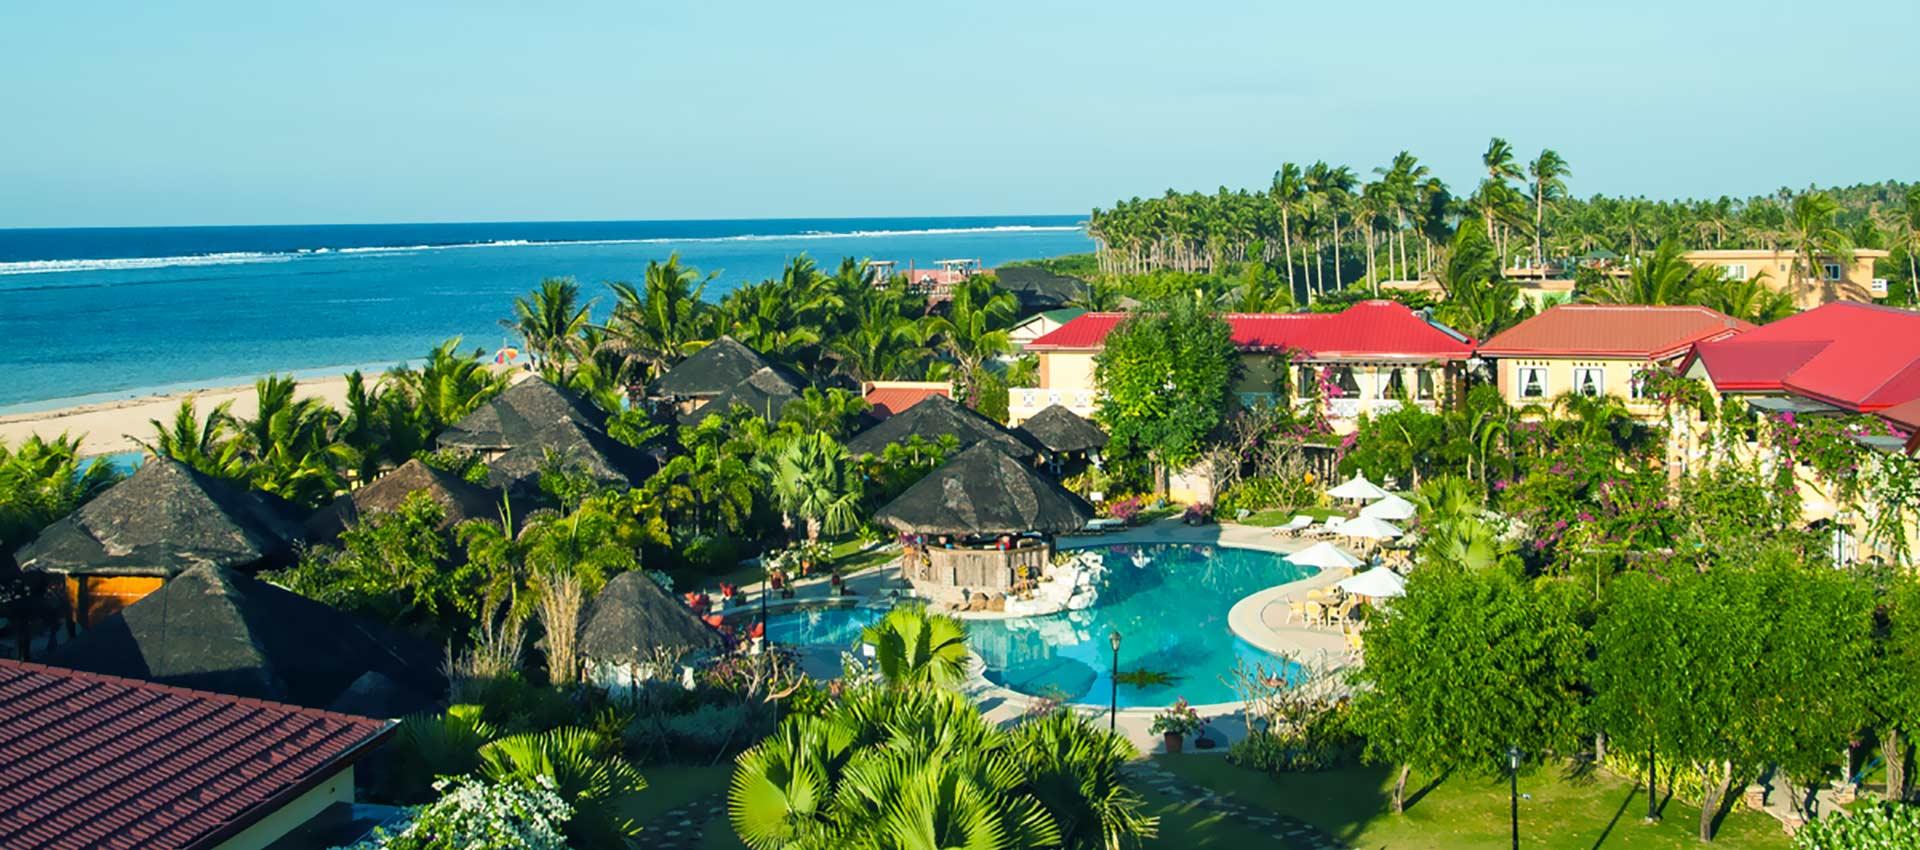 Puerto Del Sol Resort image